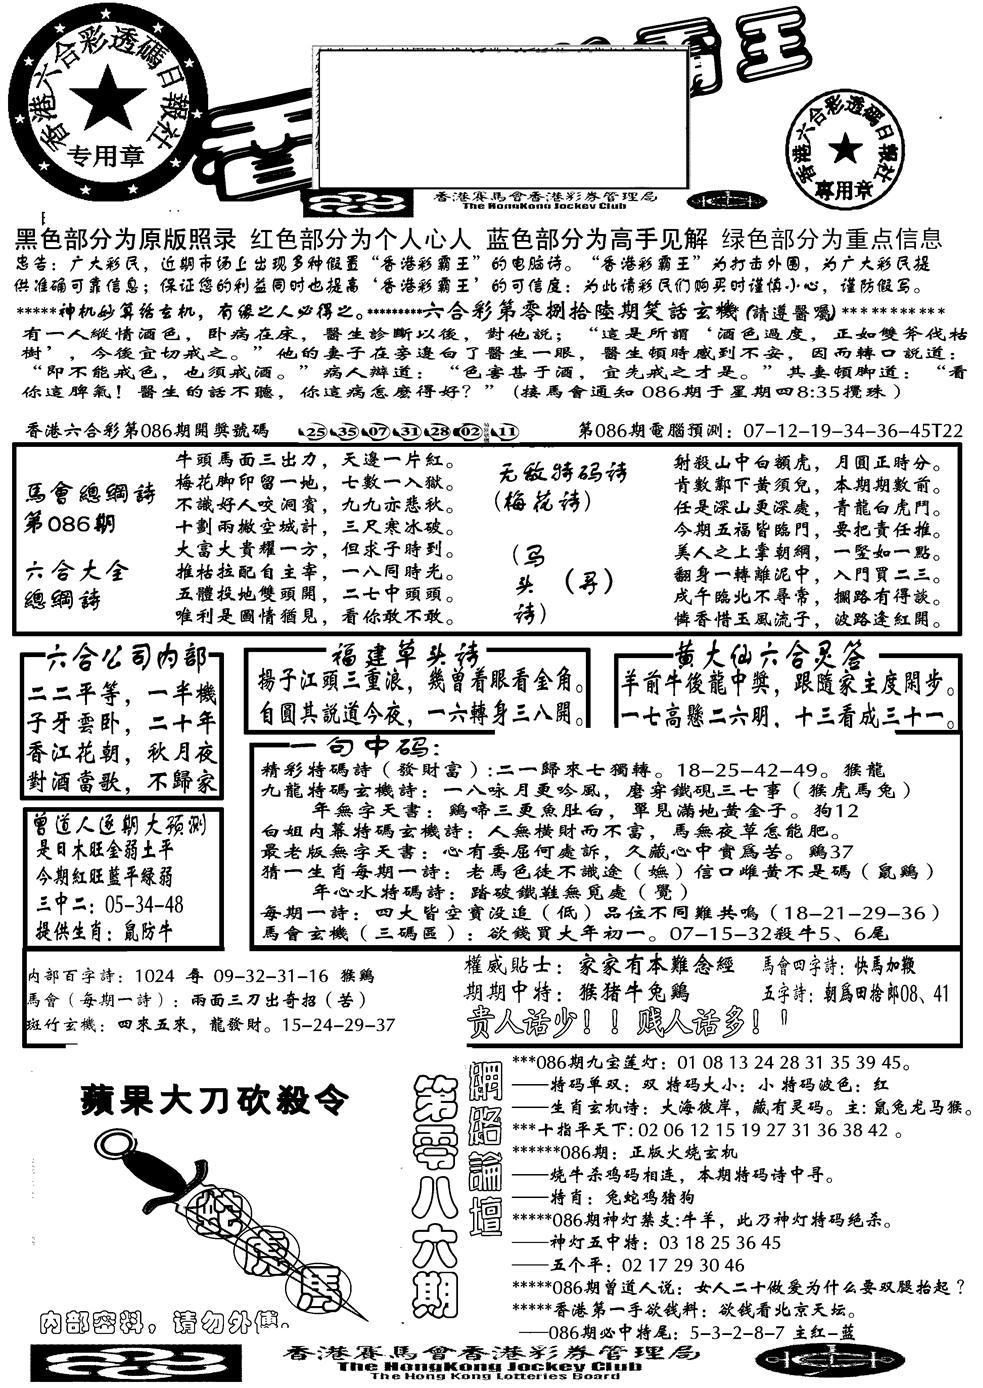 086期大刀彩霸王A(黑白)